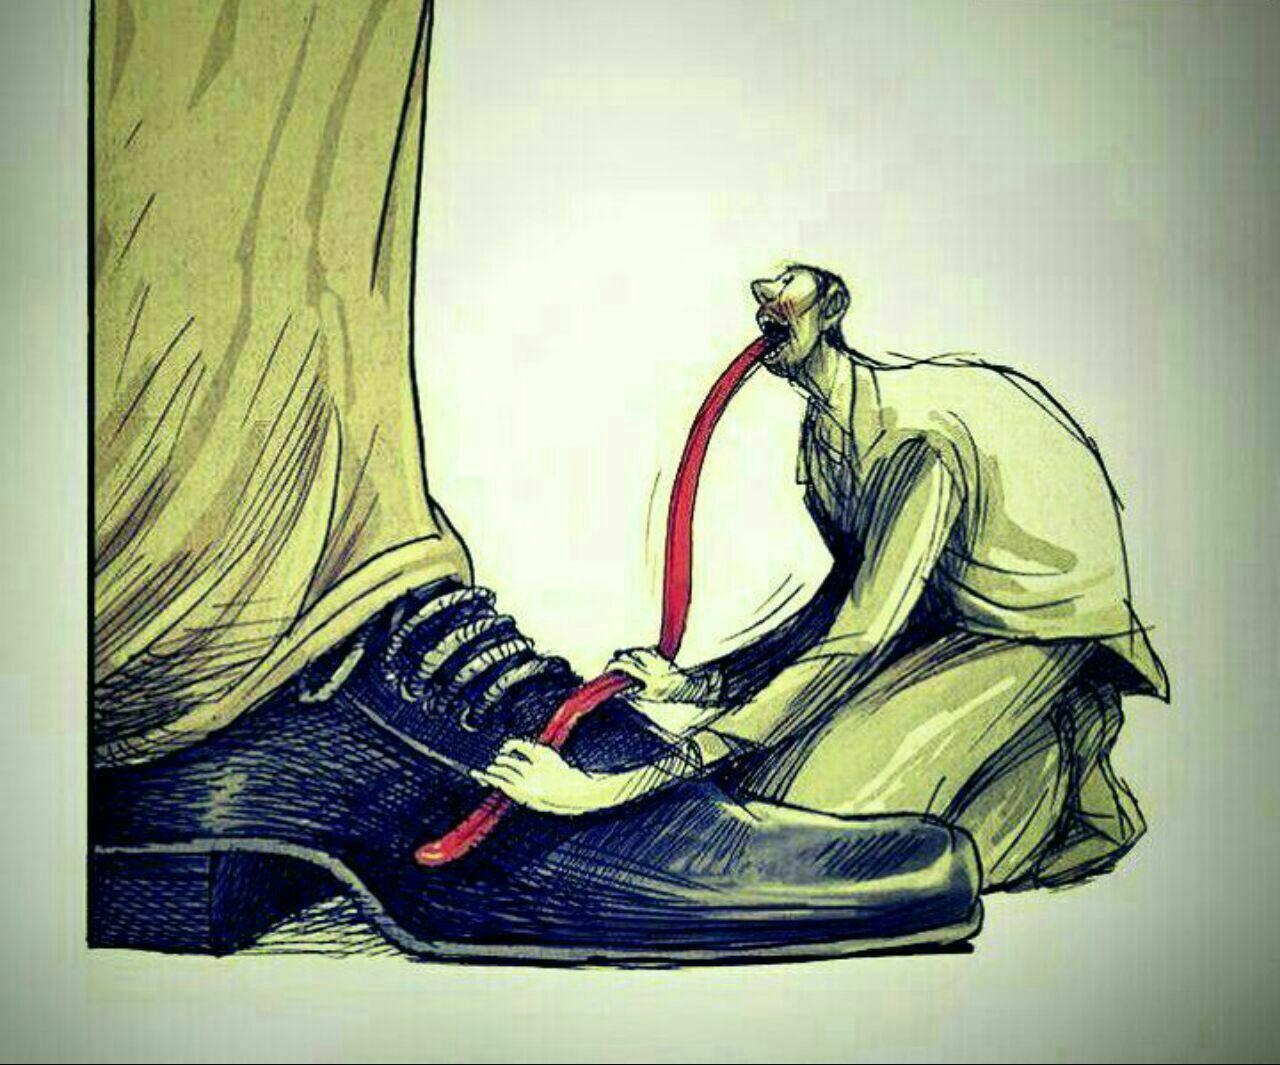 به قول مهراب قاسم خانی چرا الکی میگین ثبات اقتصادی نداریم ؟! لیدا30